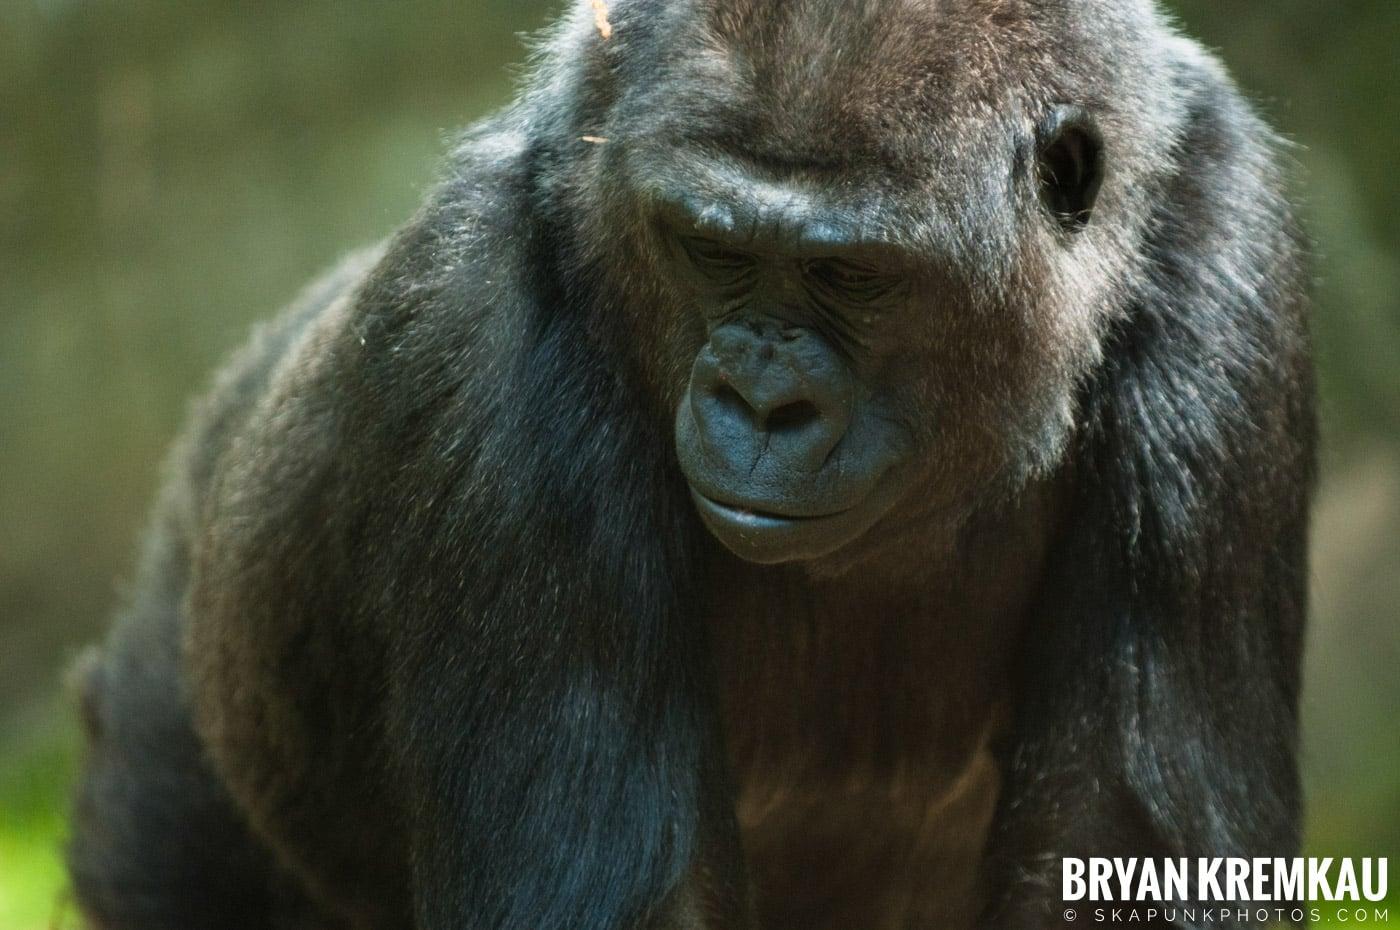 The Bronx Zoo @ Bronx, NYC - 5.7.11 (33)